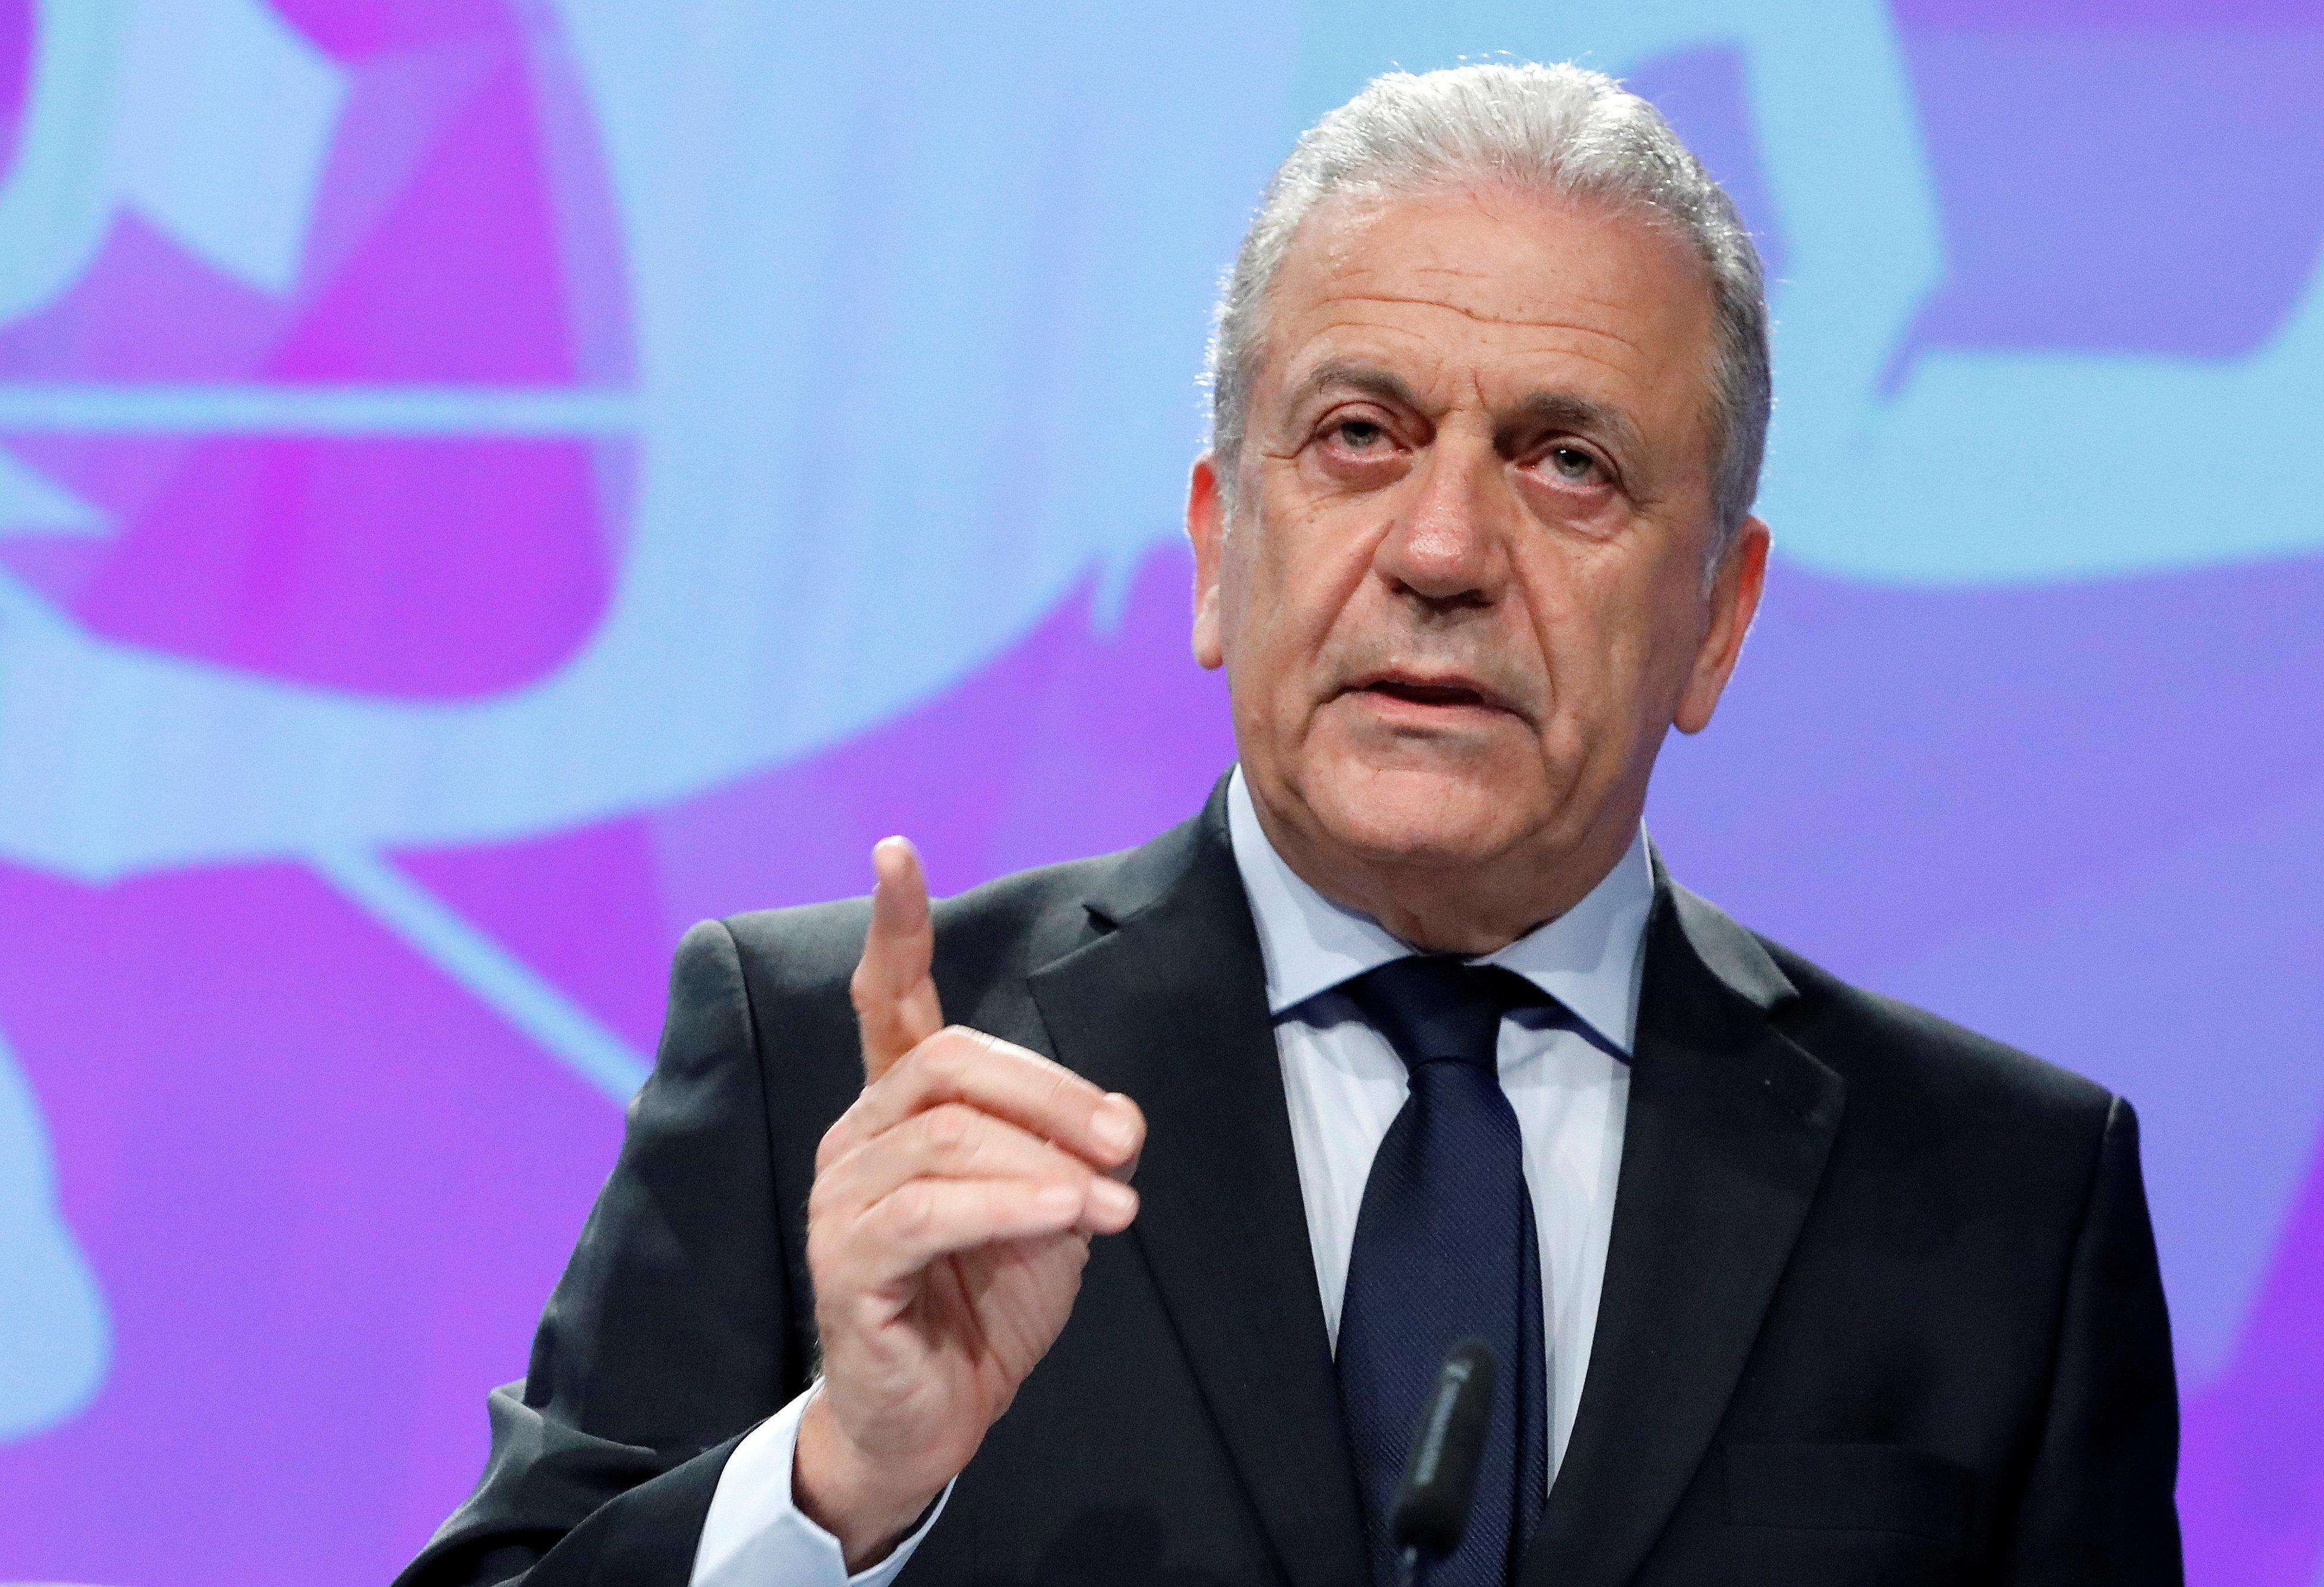 «Ούτε εφικτό, ούτε επιθυμητό» η απάντηση Αβραμόπουλου στην Αυστρία για υποβολή αίτησης ασύλου εκτός χωρών της